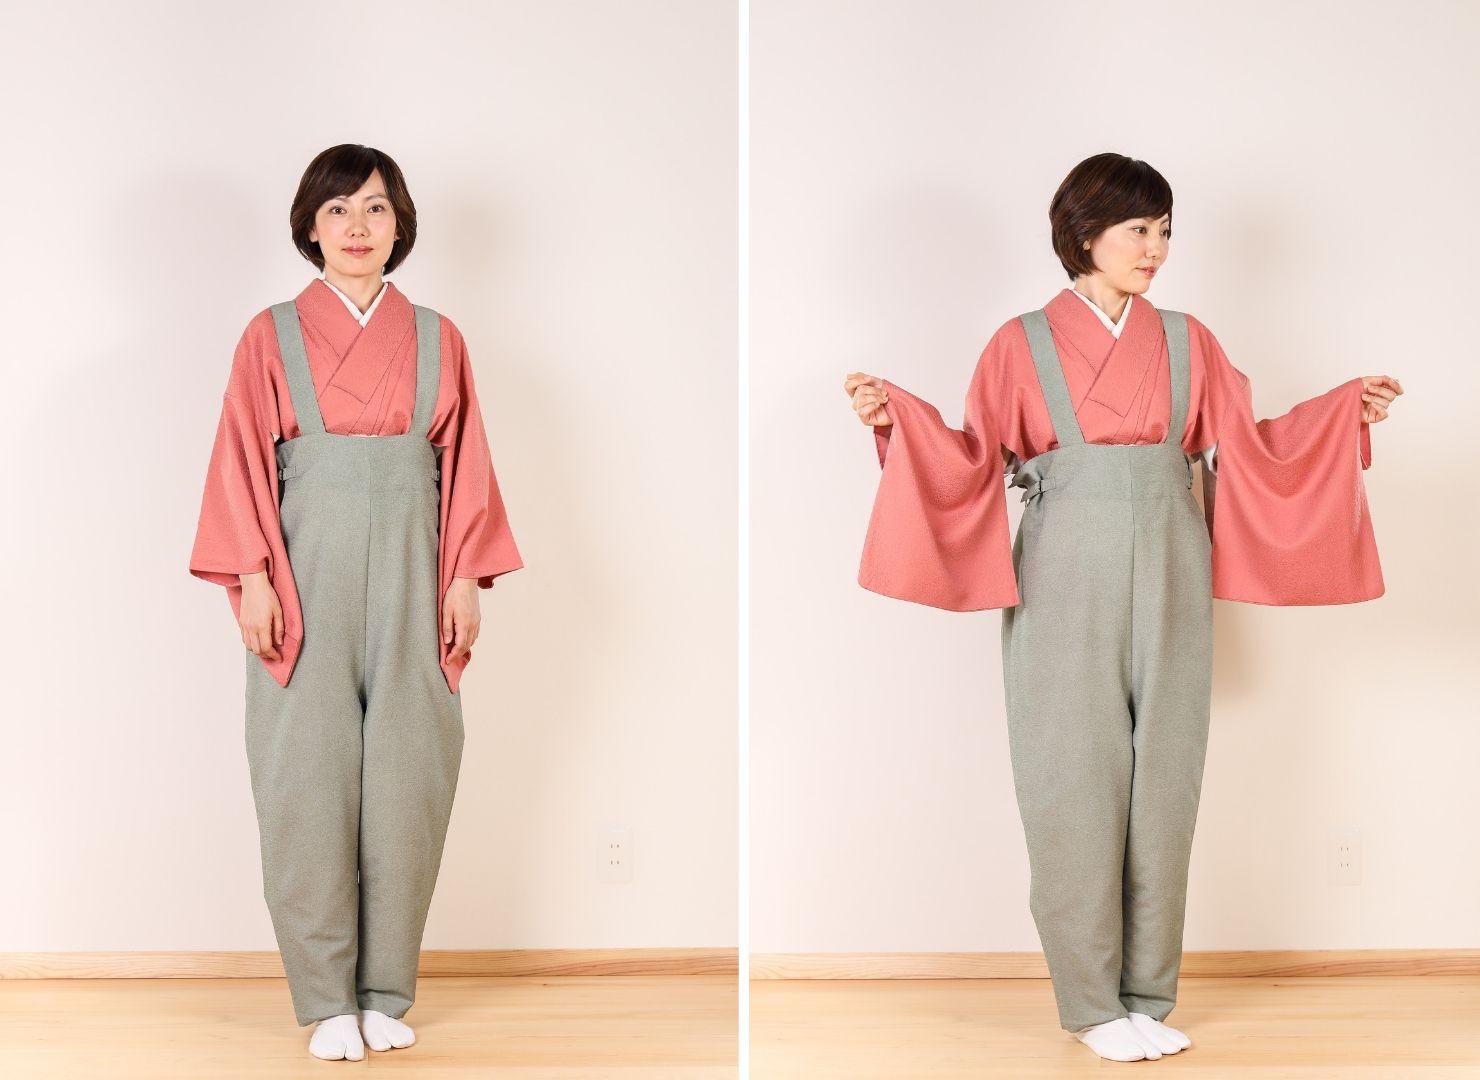 商品写真–苔色×鮫小紋2-1(1480×1080)